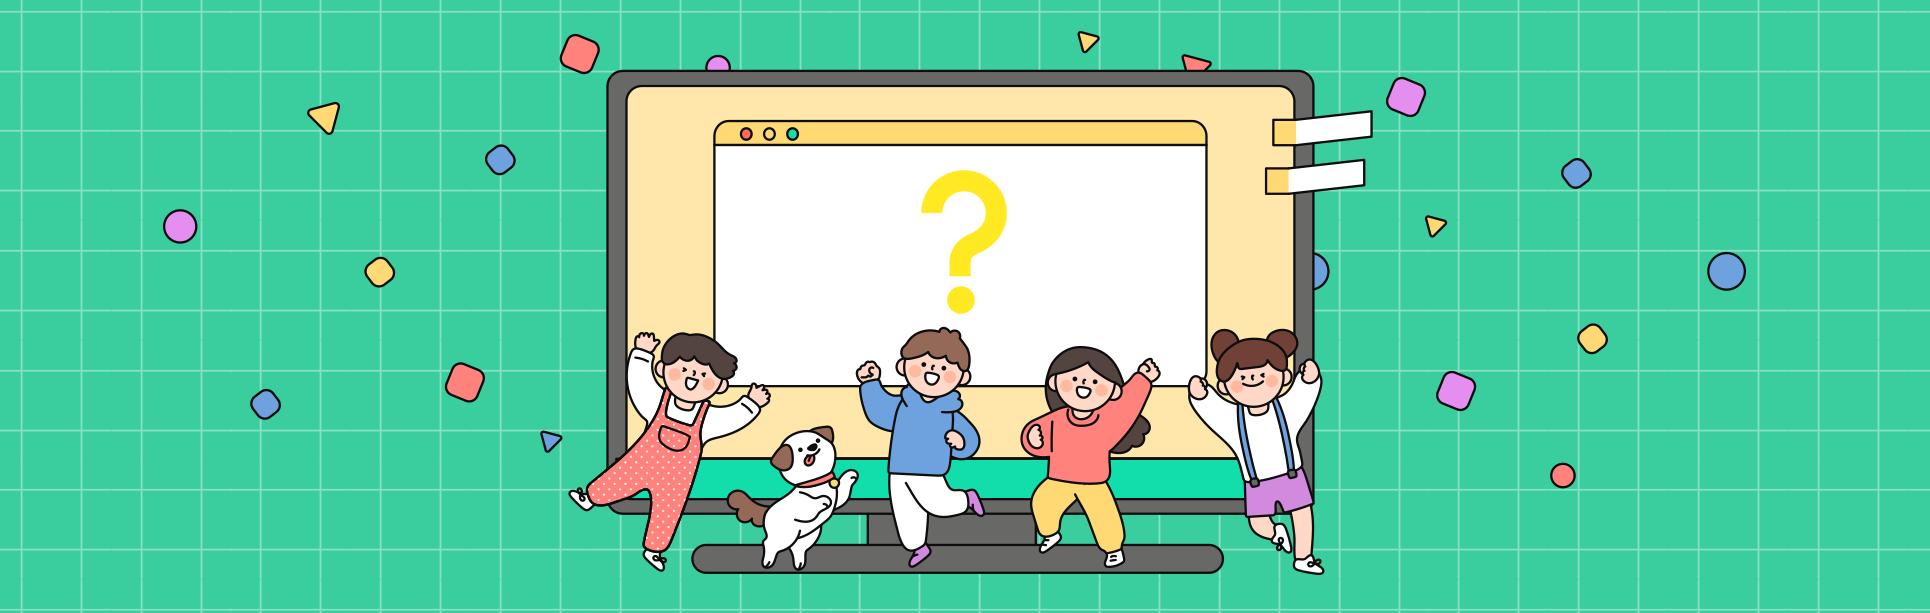 에메랄드빛 격자무늬 배경에 컴퓨터 모니터와 그 앞에서 손을 치켜든 아이들 그림이 그려져 있다. 모니터에는 노란색 물음표가 띄워져 있으며 옆에 포스트잇이 붙어있다. 아이들은 활기찬 모습으로 각자 팔을 치켜든 채 자세를 취하고 있다. 아이들 사이에 얼룩 강아지 한 마리가 앞발을 들고 서 있다. 모니터 뒤 배경에는 알록달록한 작은 도형들로 꾸며져 있다.